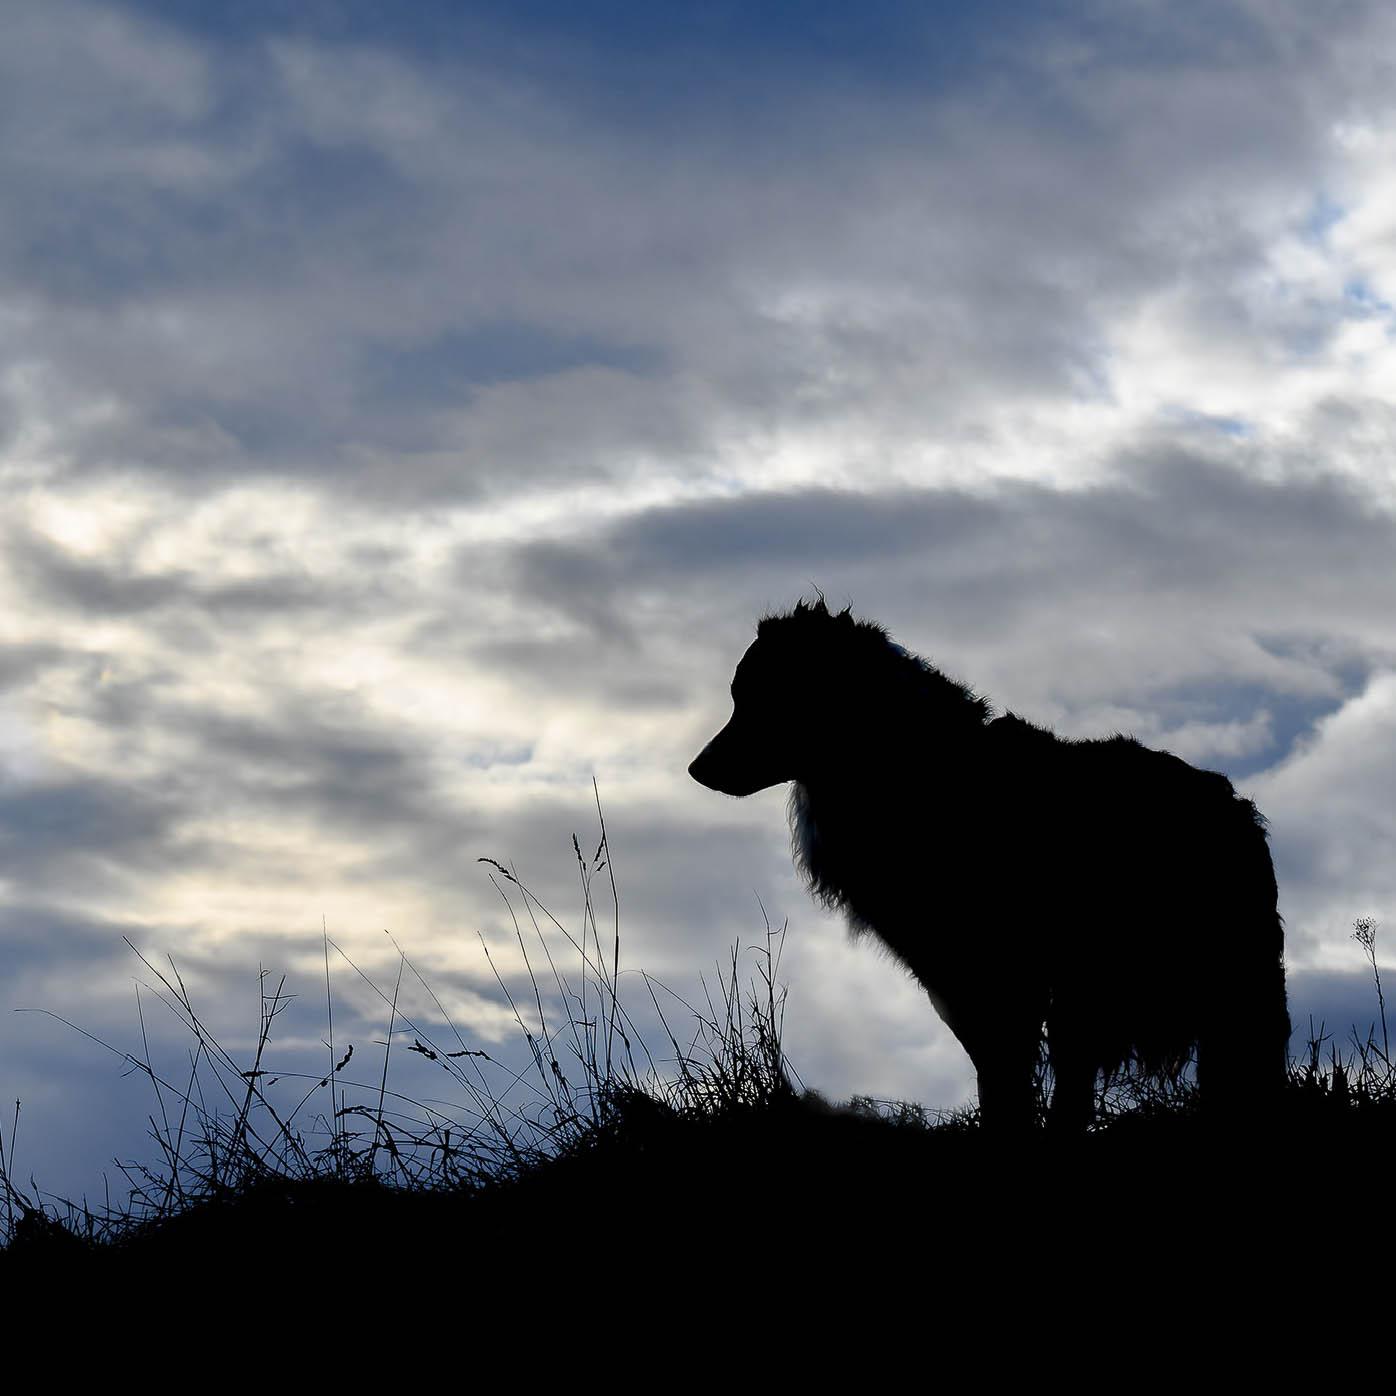 Umrisse eines Hundes im Sonnenuntergang - Hund scheint schwarz